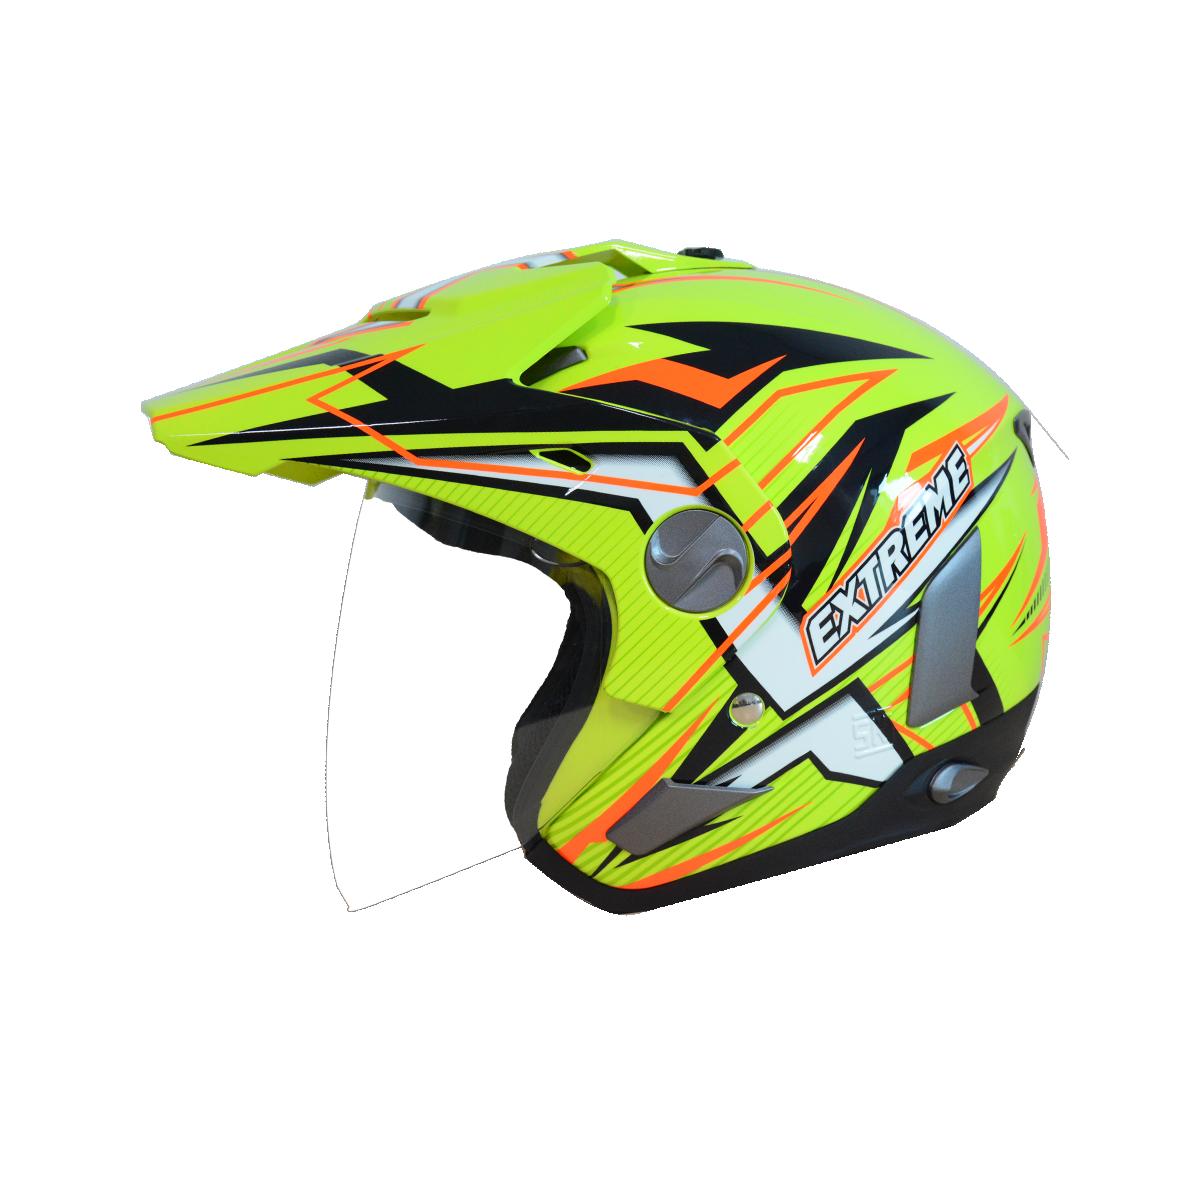 Helm Andrea Iannone di desain khusus untuk Nicky Hayden di